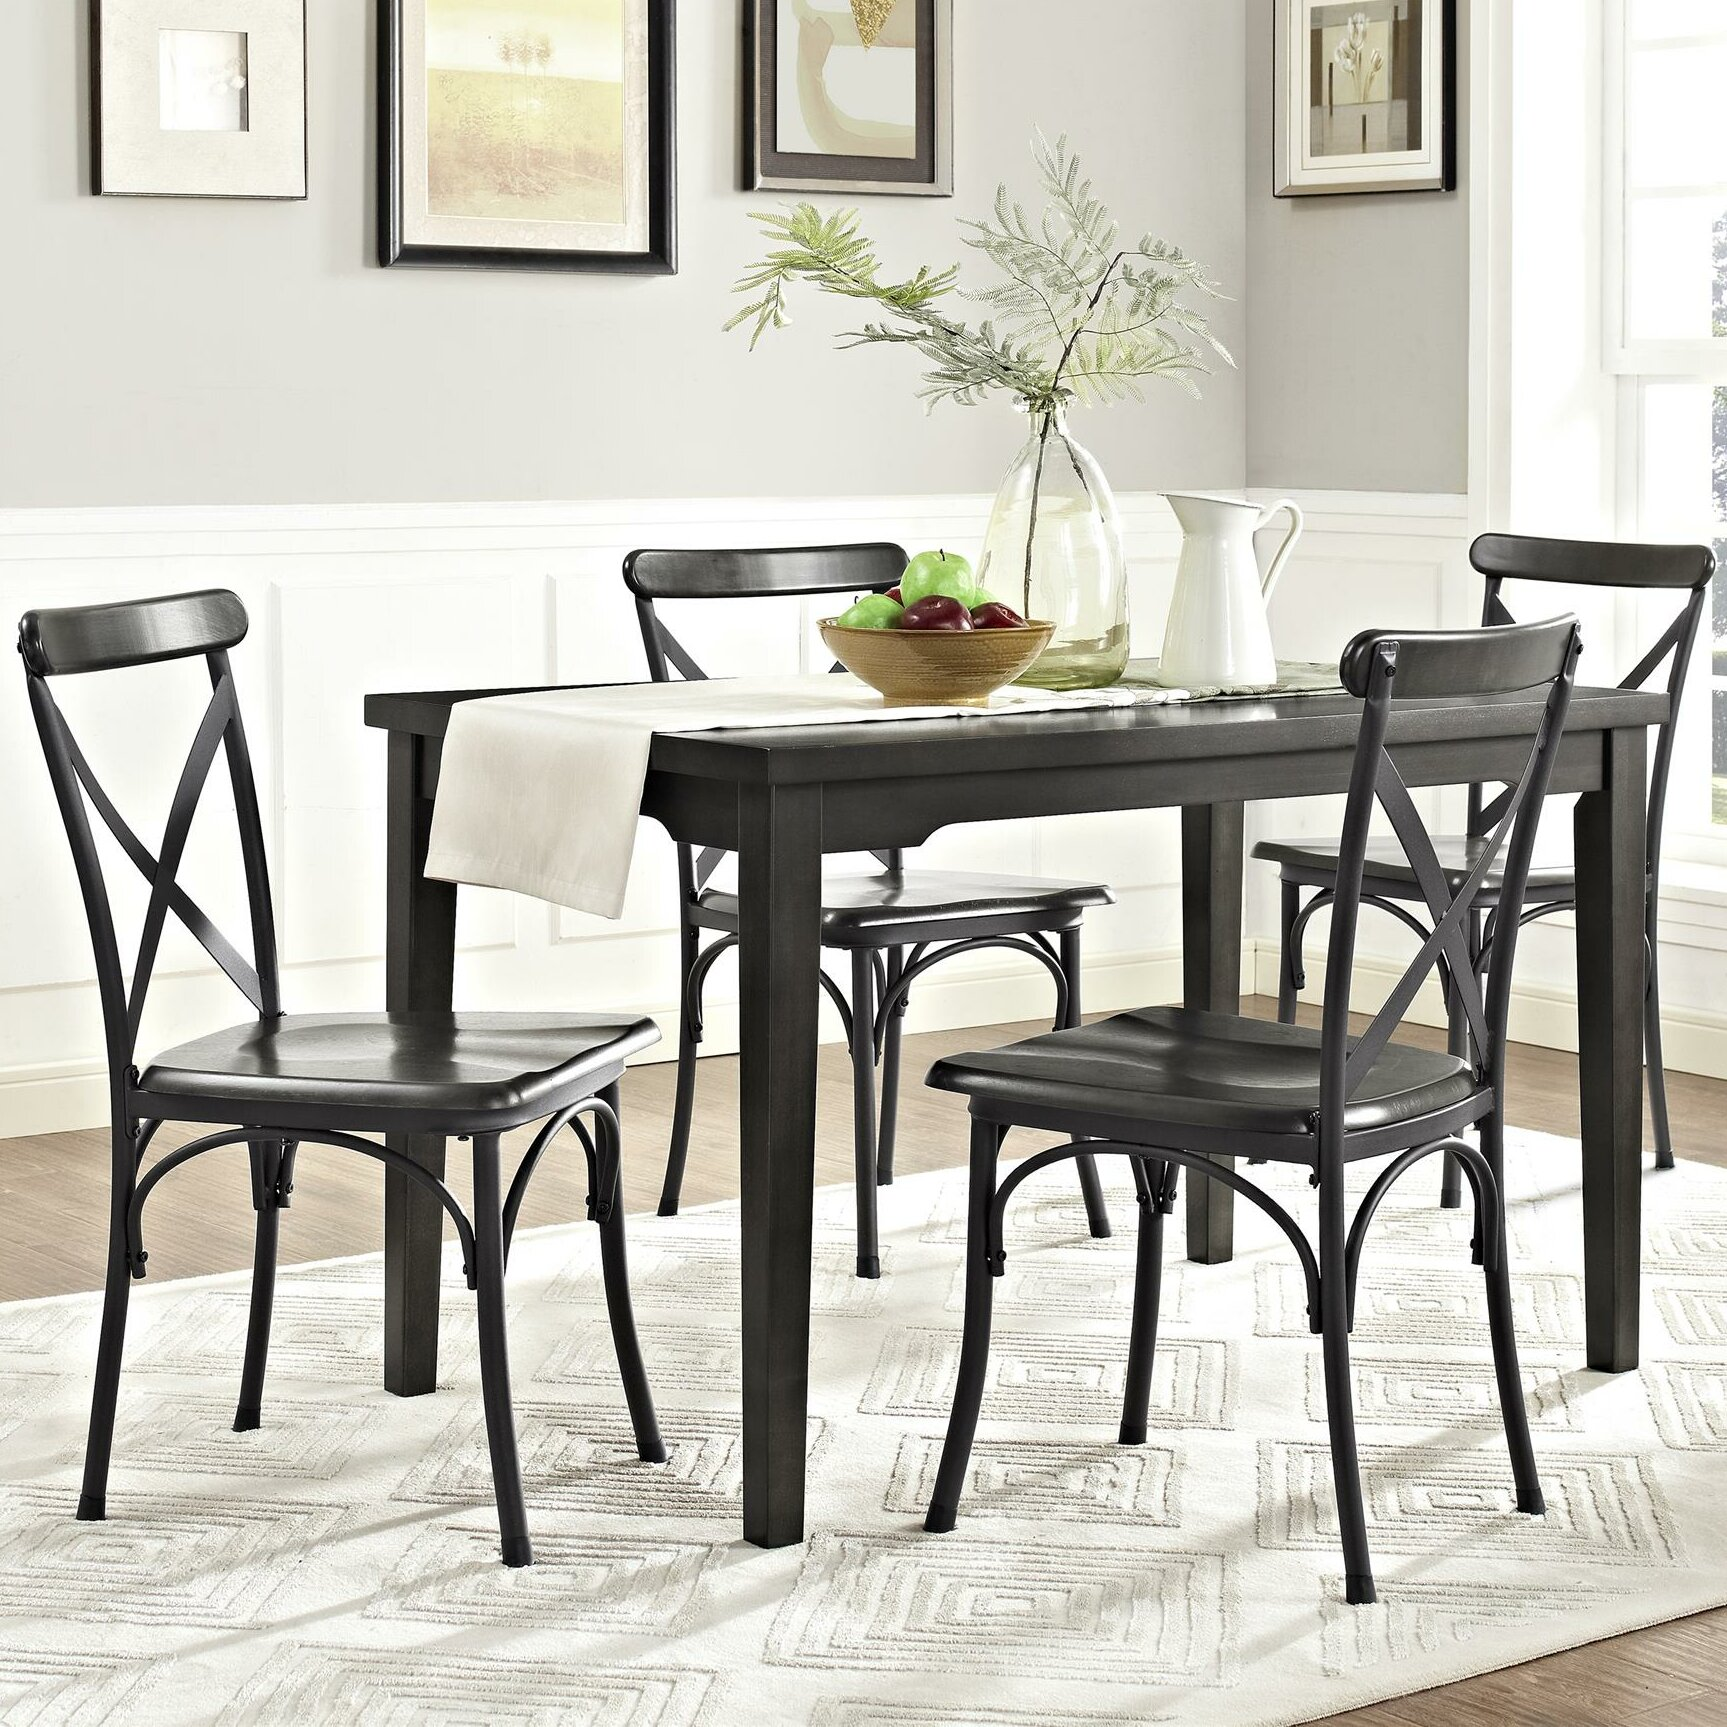 Dorel living parker 5 piece dining set reviews wayfair for Living room 5 piece sets